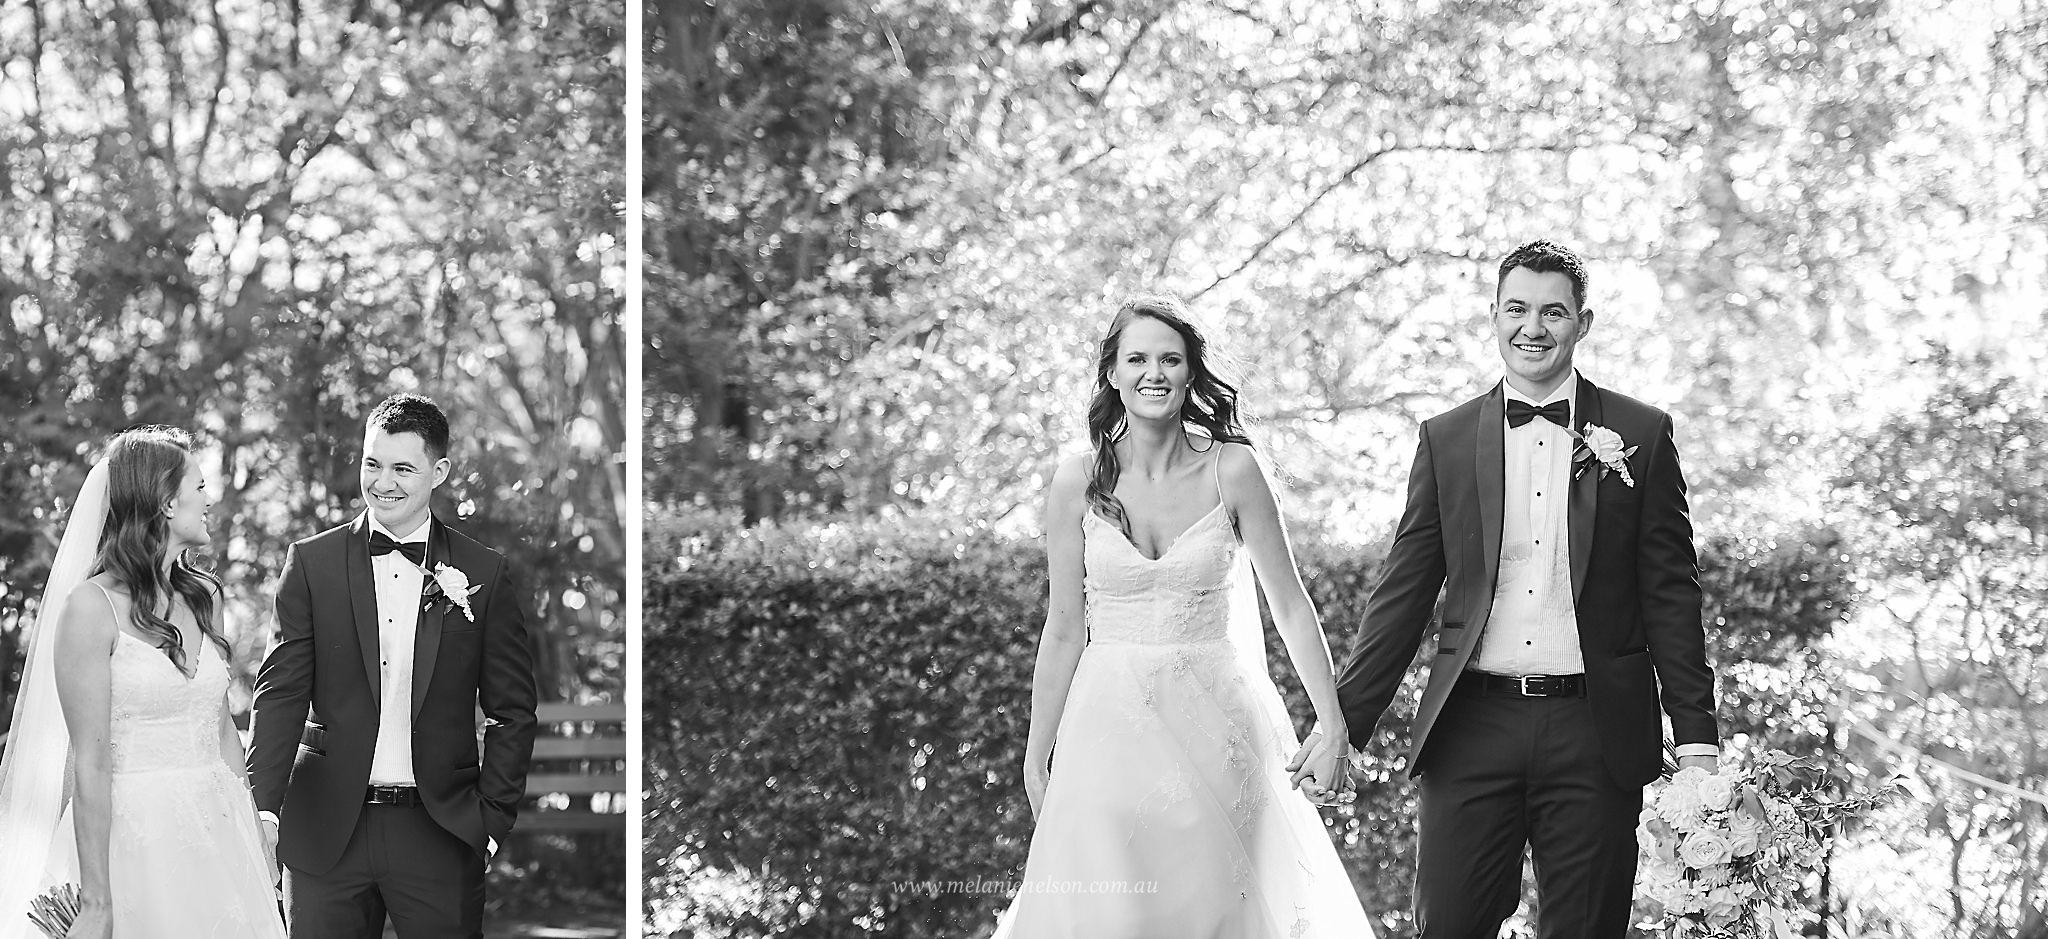 adelaide_wedding_photography_0016.jpg